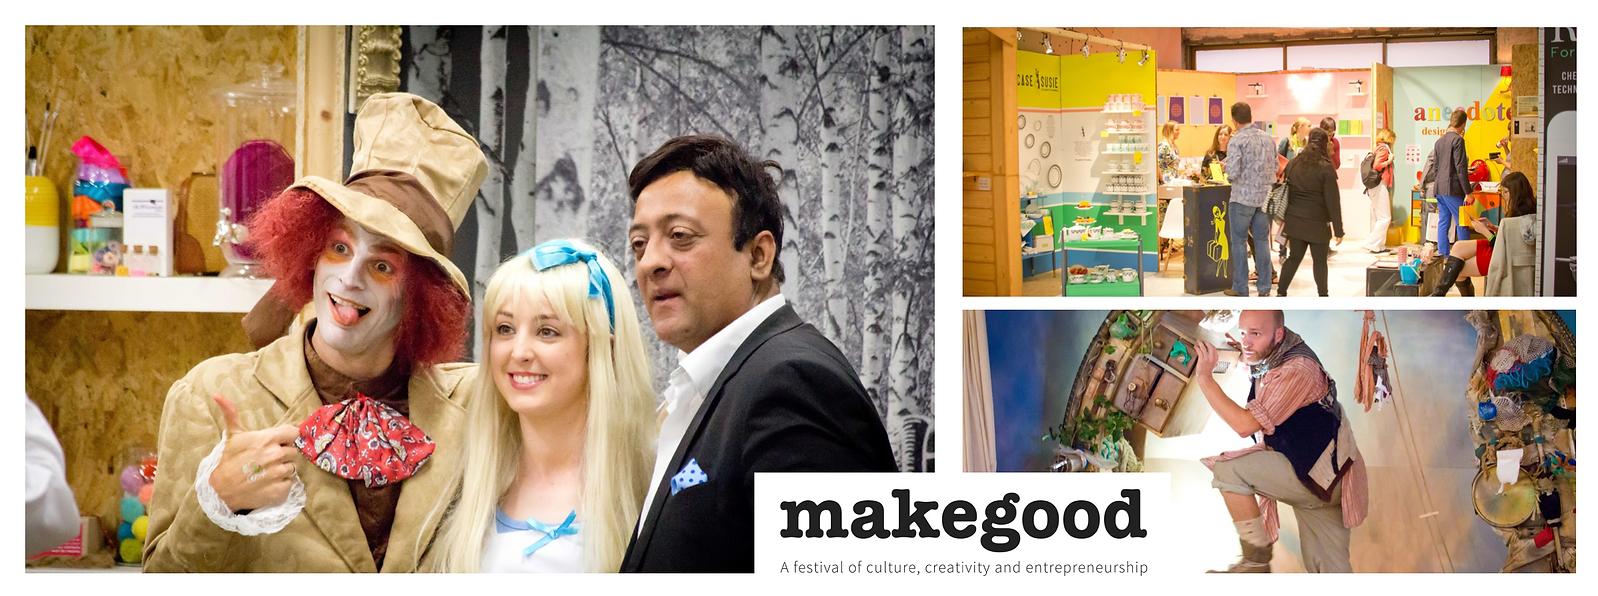 Makegood case study new header.png